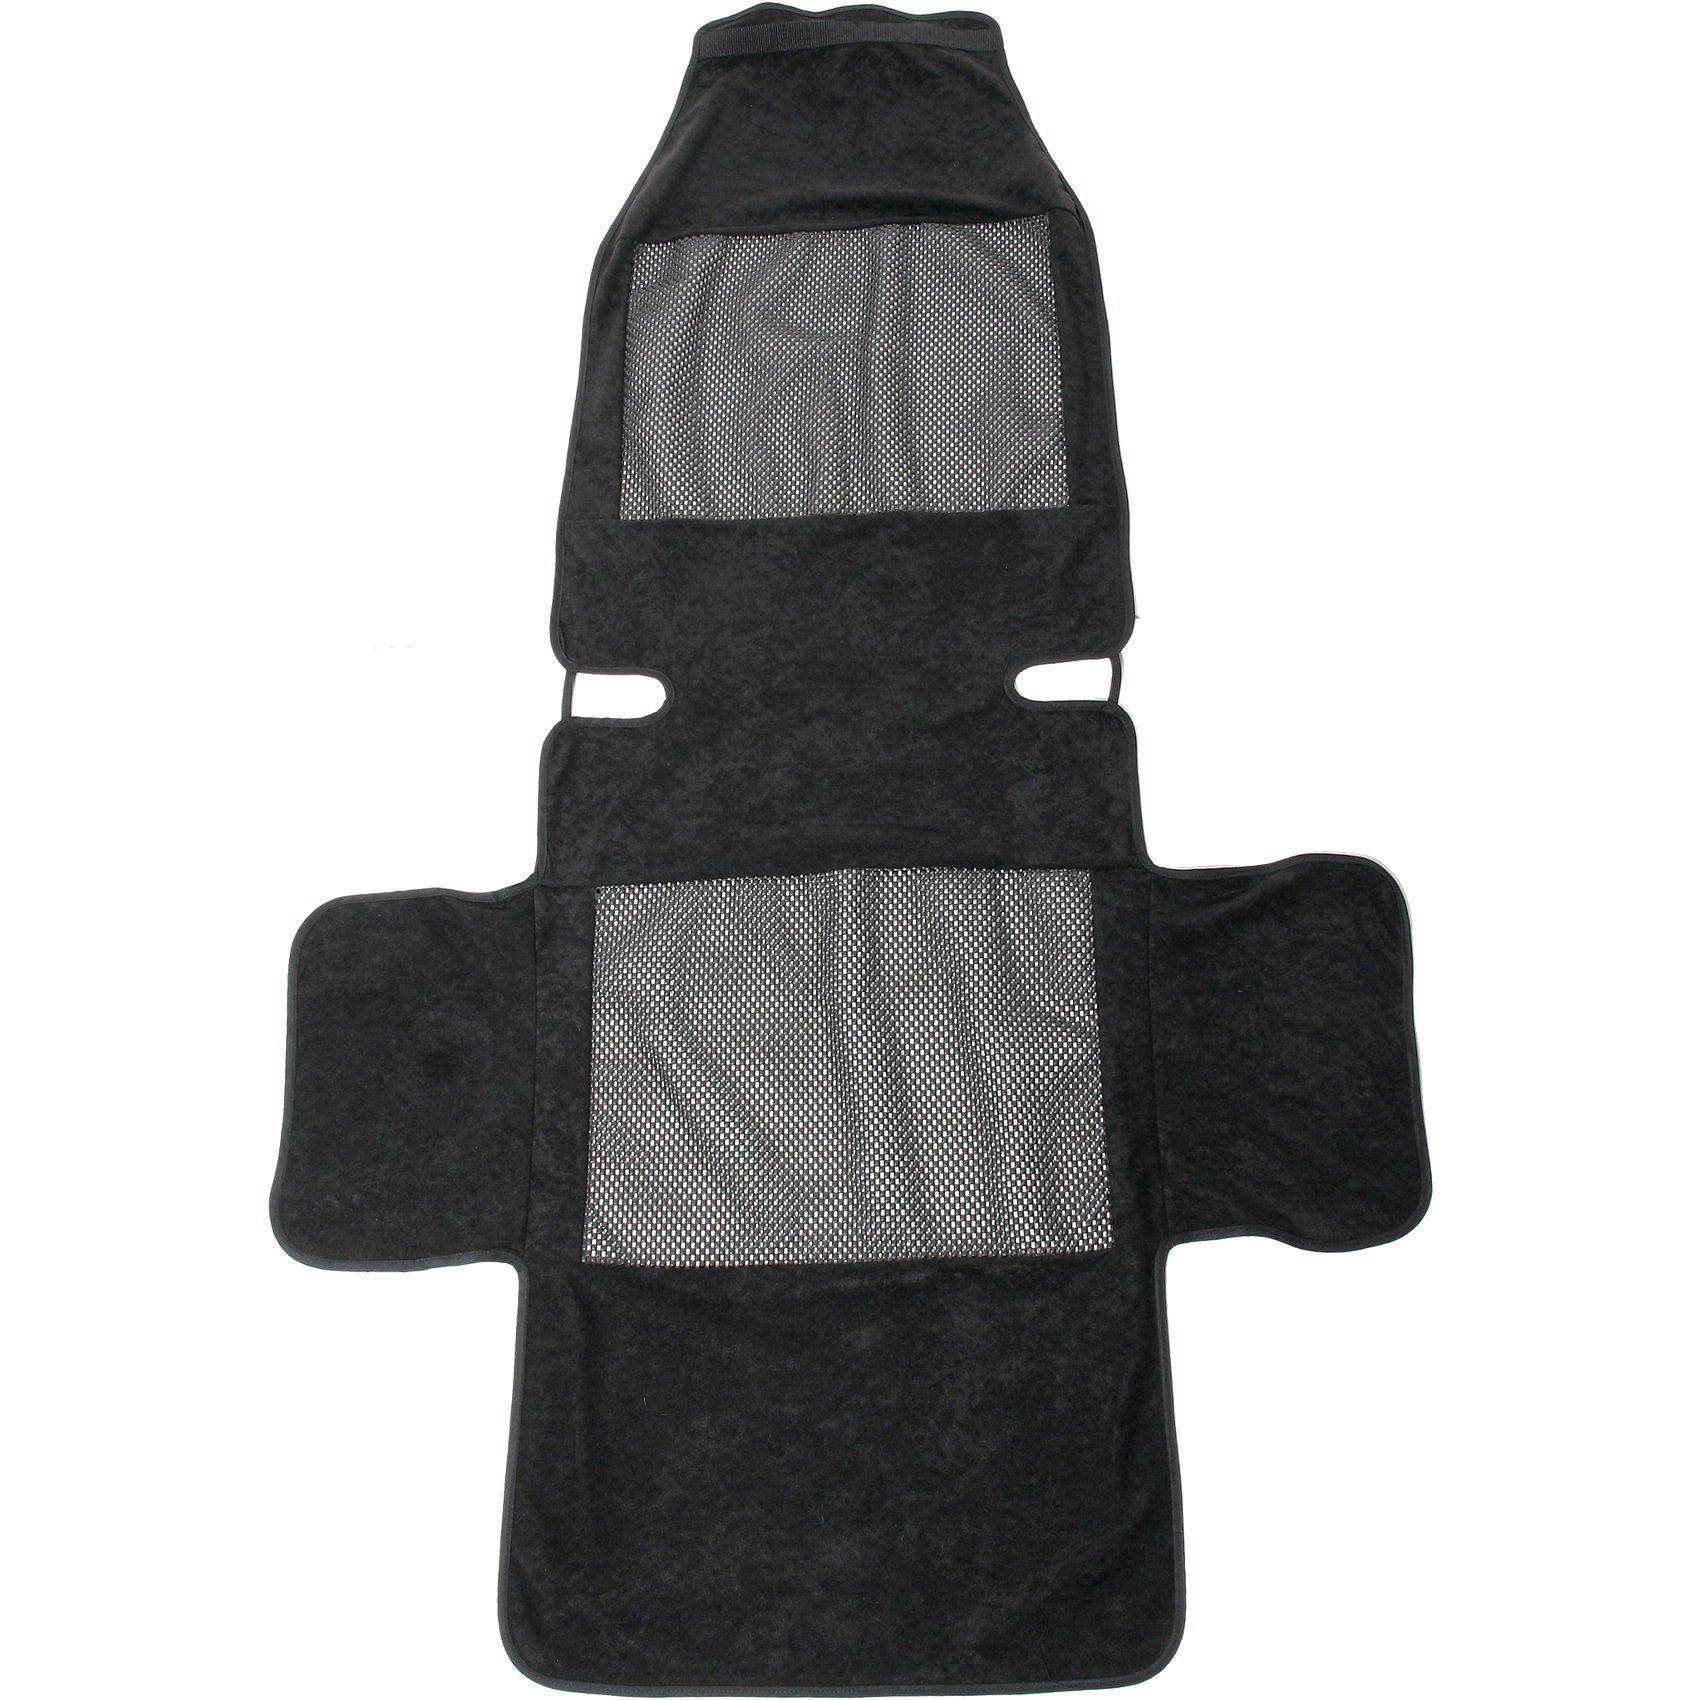 Osann Schutzunterlage für Kindersitze, schwarz